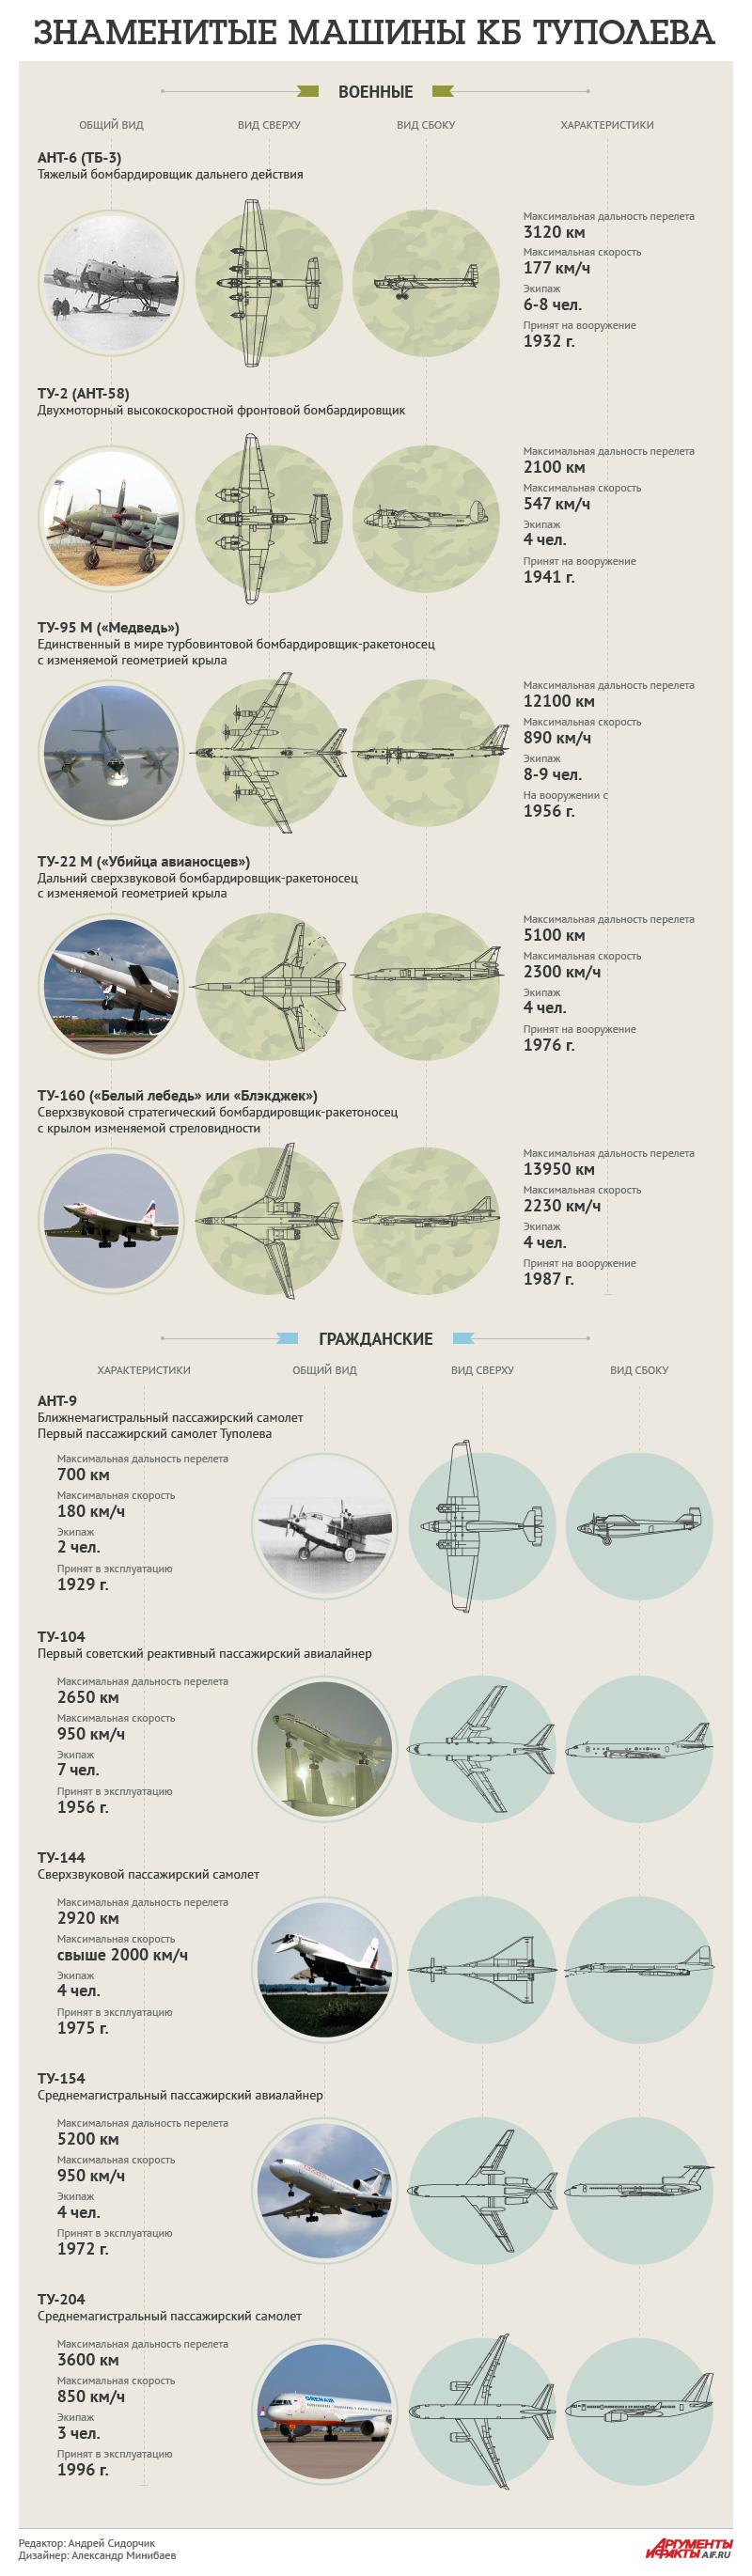 10 самых интересных моделей самолетов ТУ